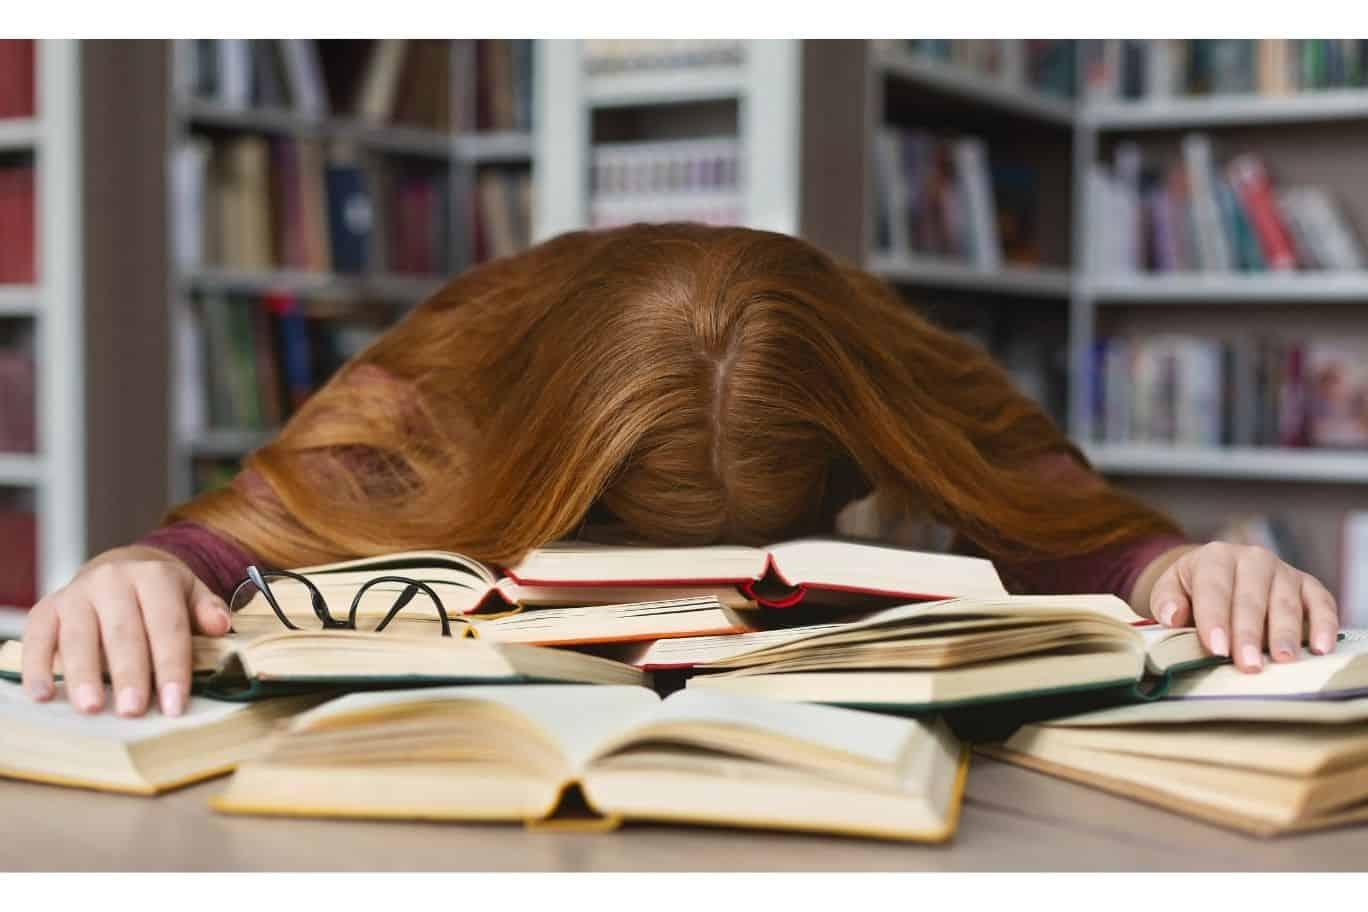 Teenager mit roten Haaren liegt erschöpft auf einem Stapel Büchern - Titelbild zu Slam & Live-Literatur